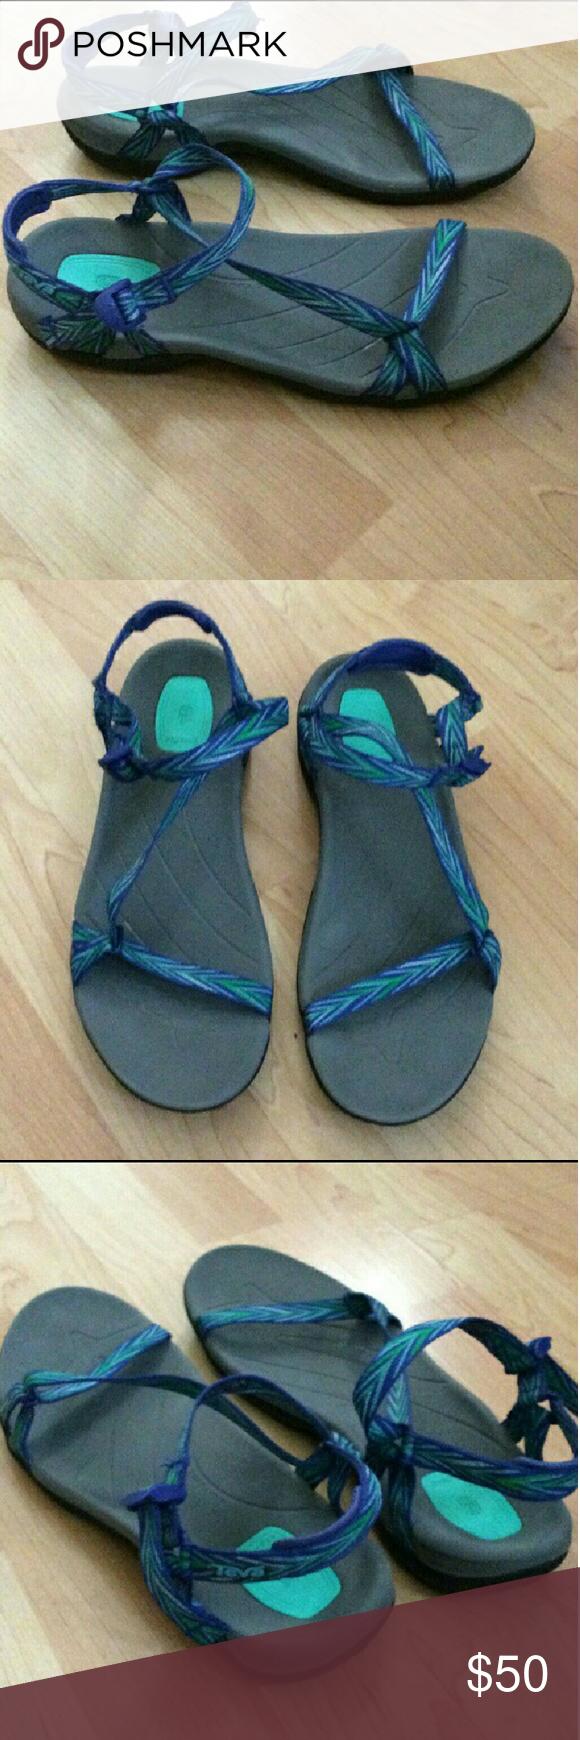 1f74573ec36d6 Teva sandals